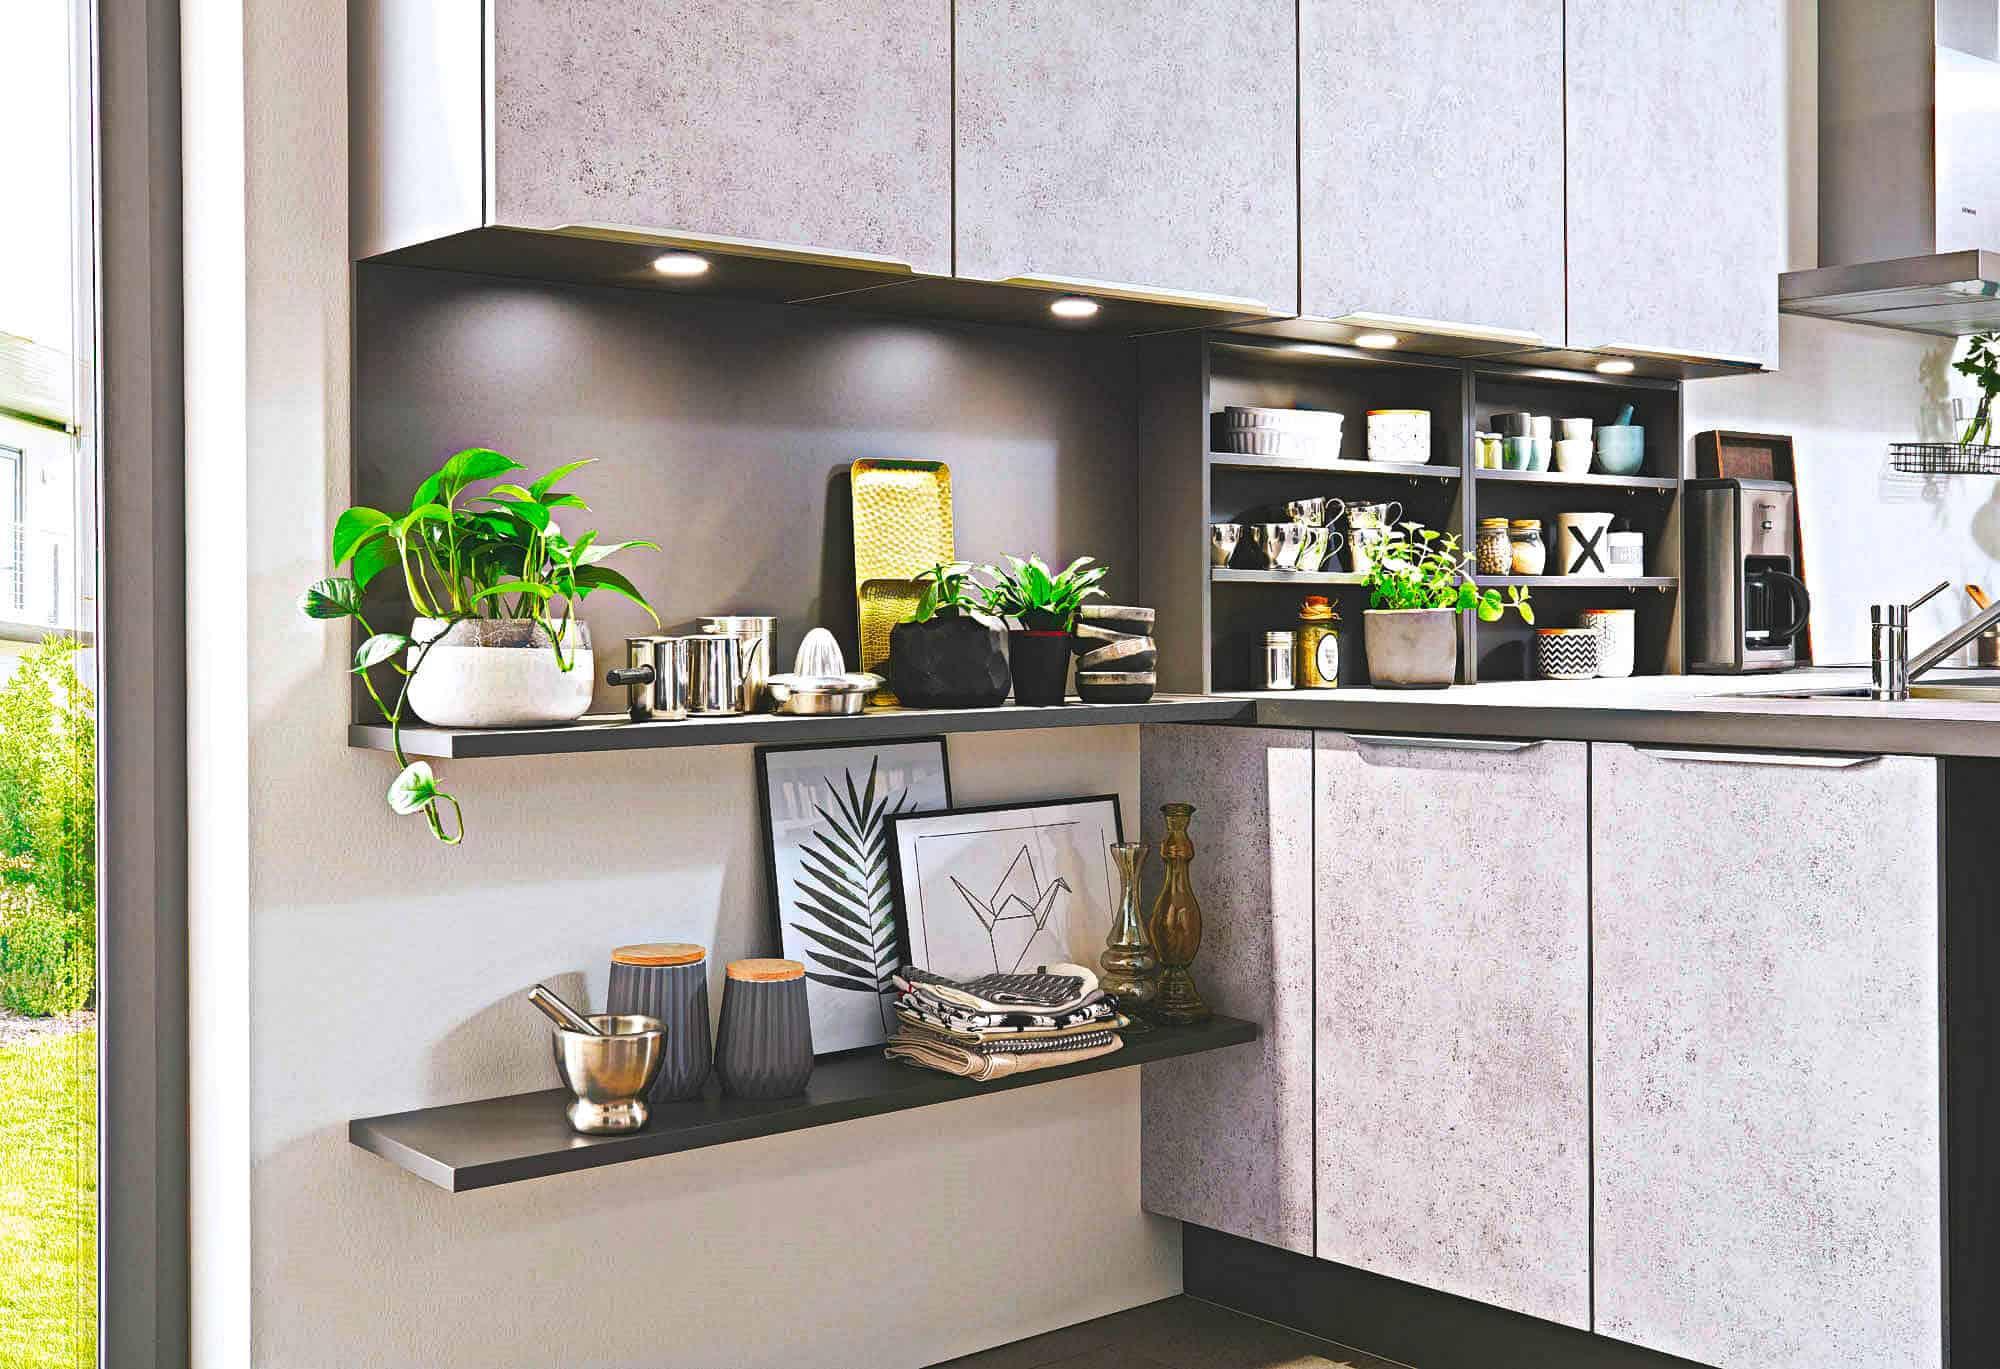 wunderbar k chenschr nke griffe ideen ideen ideen f r die k che dekoration. Black Bedroom Furniture Sets. Home Design Ideas